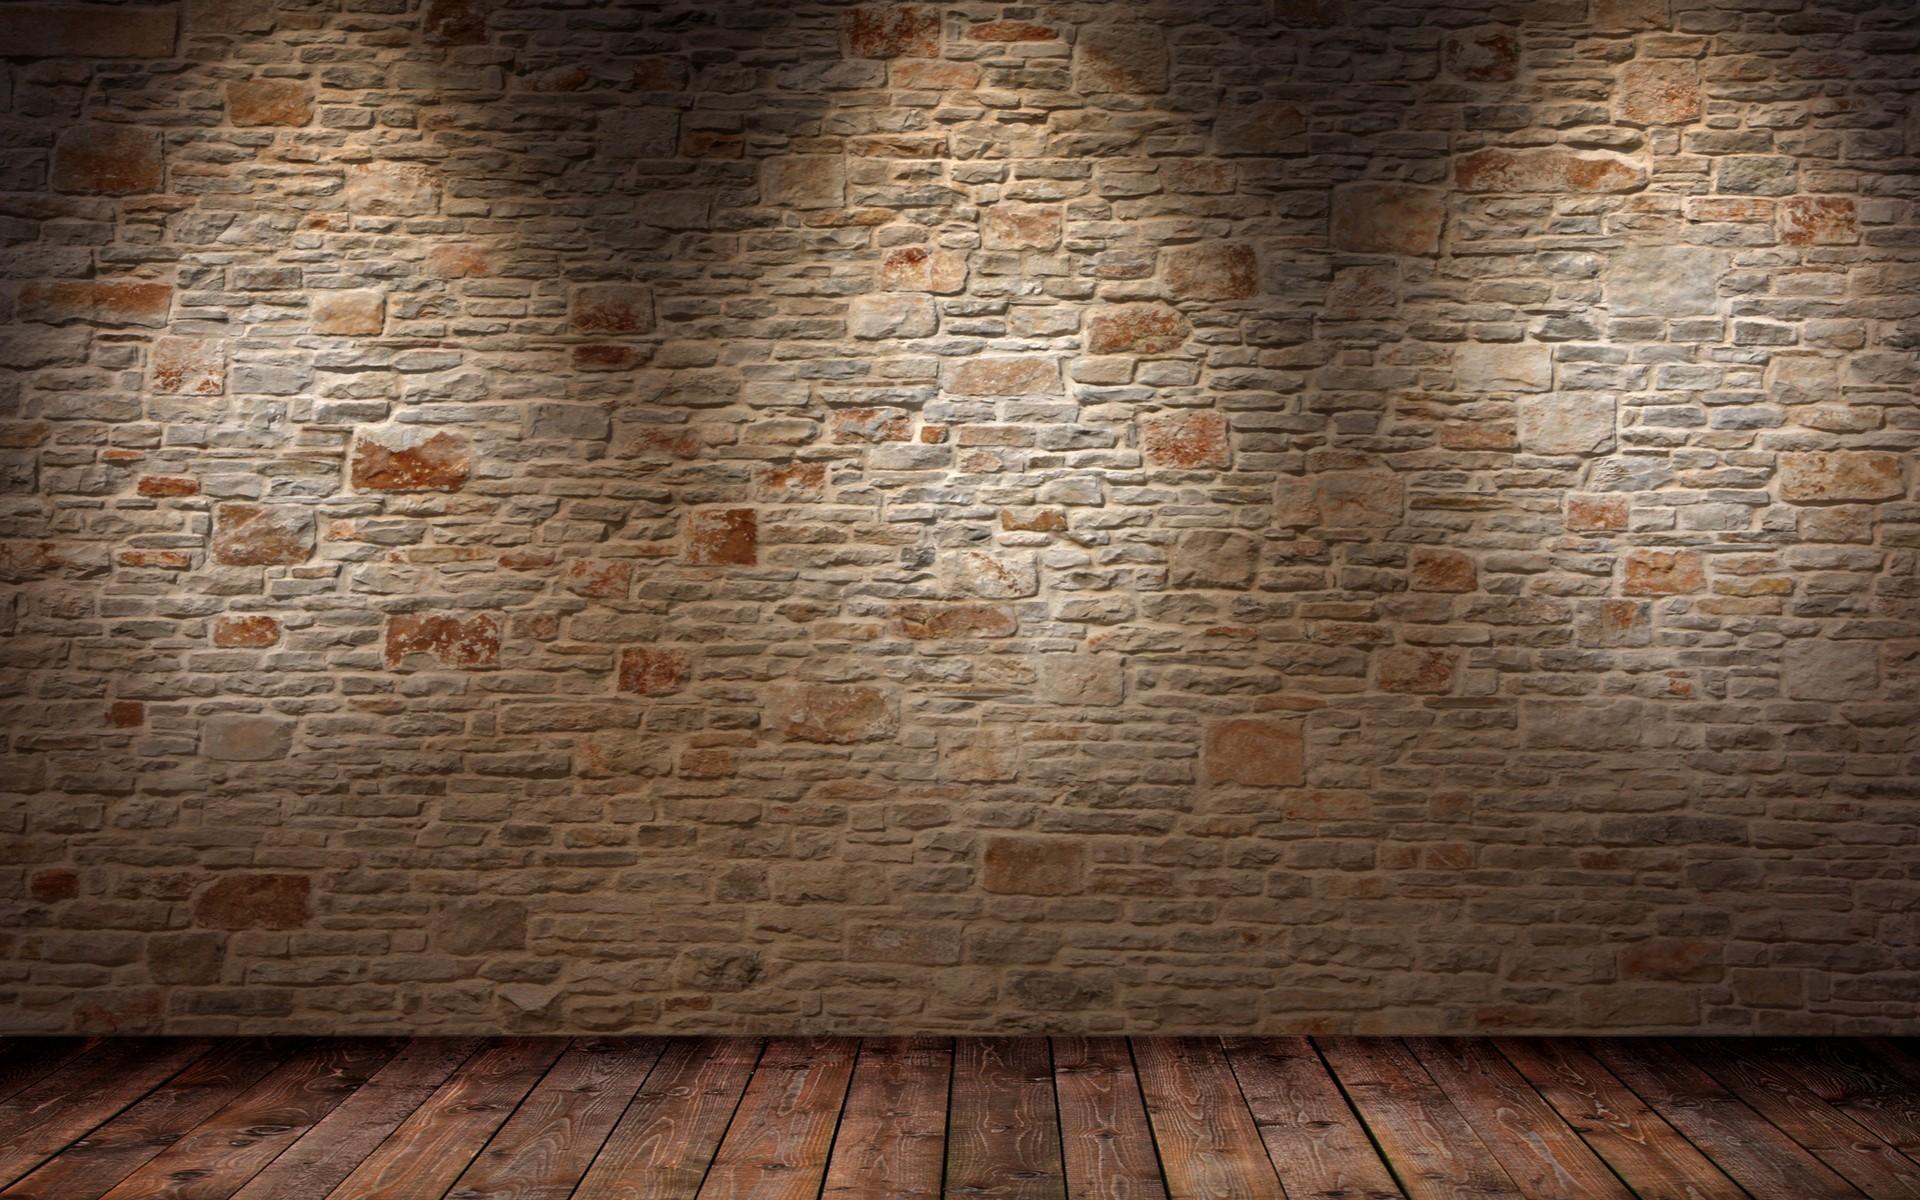 fond d 39 cran mur bois texture tuile brique mat riel ligne feuillus parquet rev tement. Black Bedroom Furniture Sets. Home Design Ideas